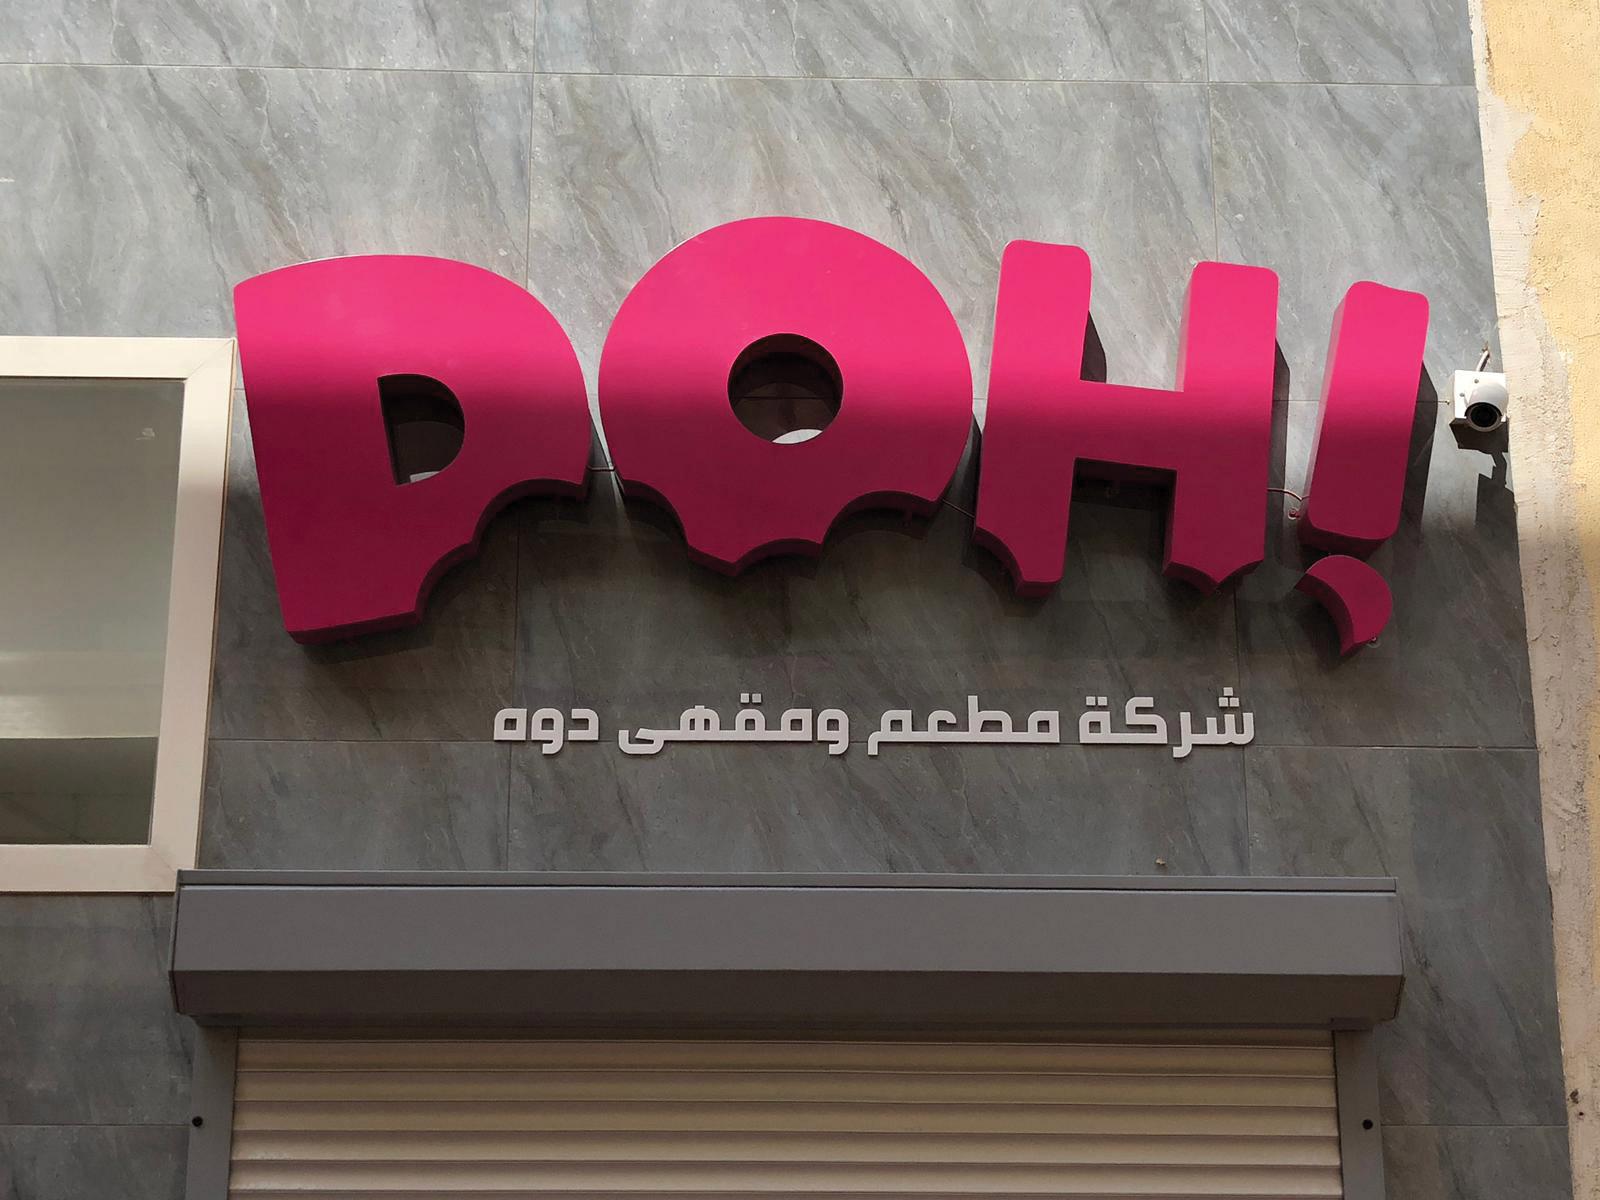 inkservice-ourwork-Dohi-1-kuwait